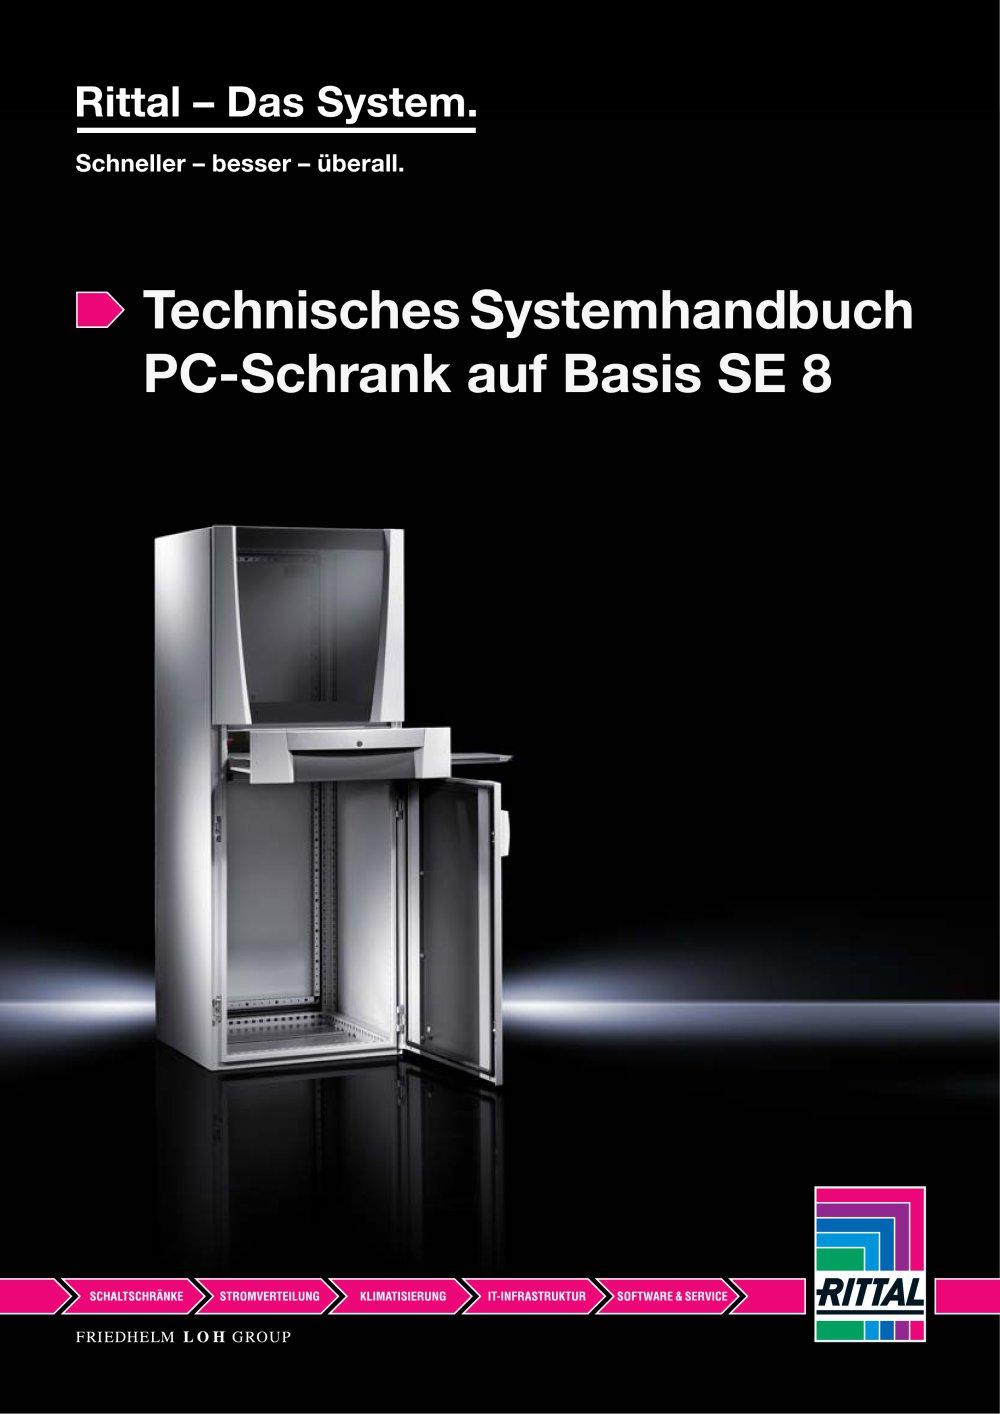 Technisches Systemhandbuch PC-Schrank auf Basis SE 8 - RITTAL - PDF ...